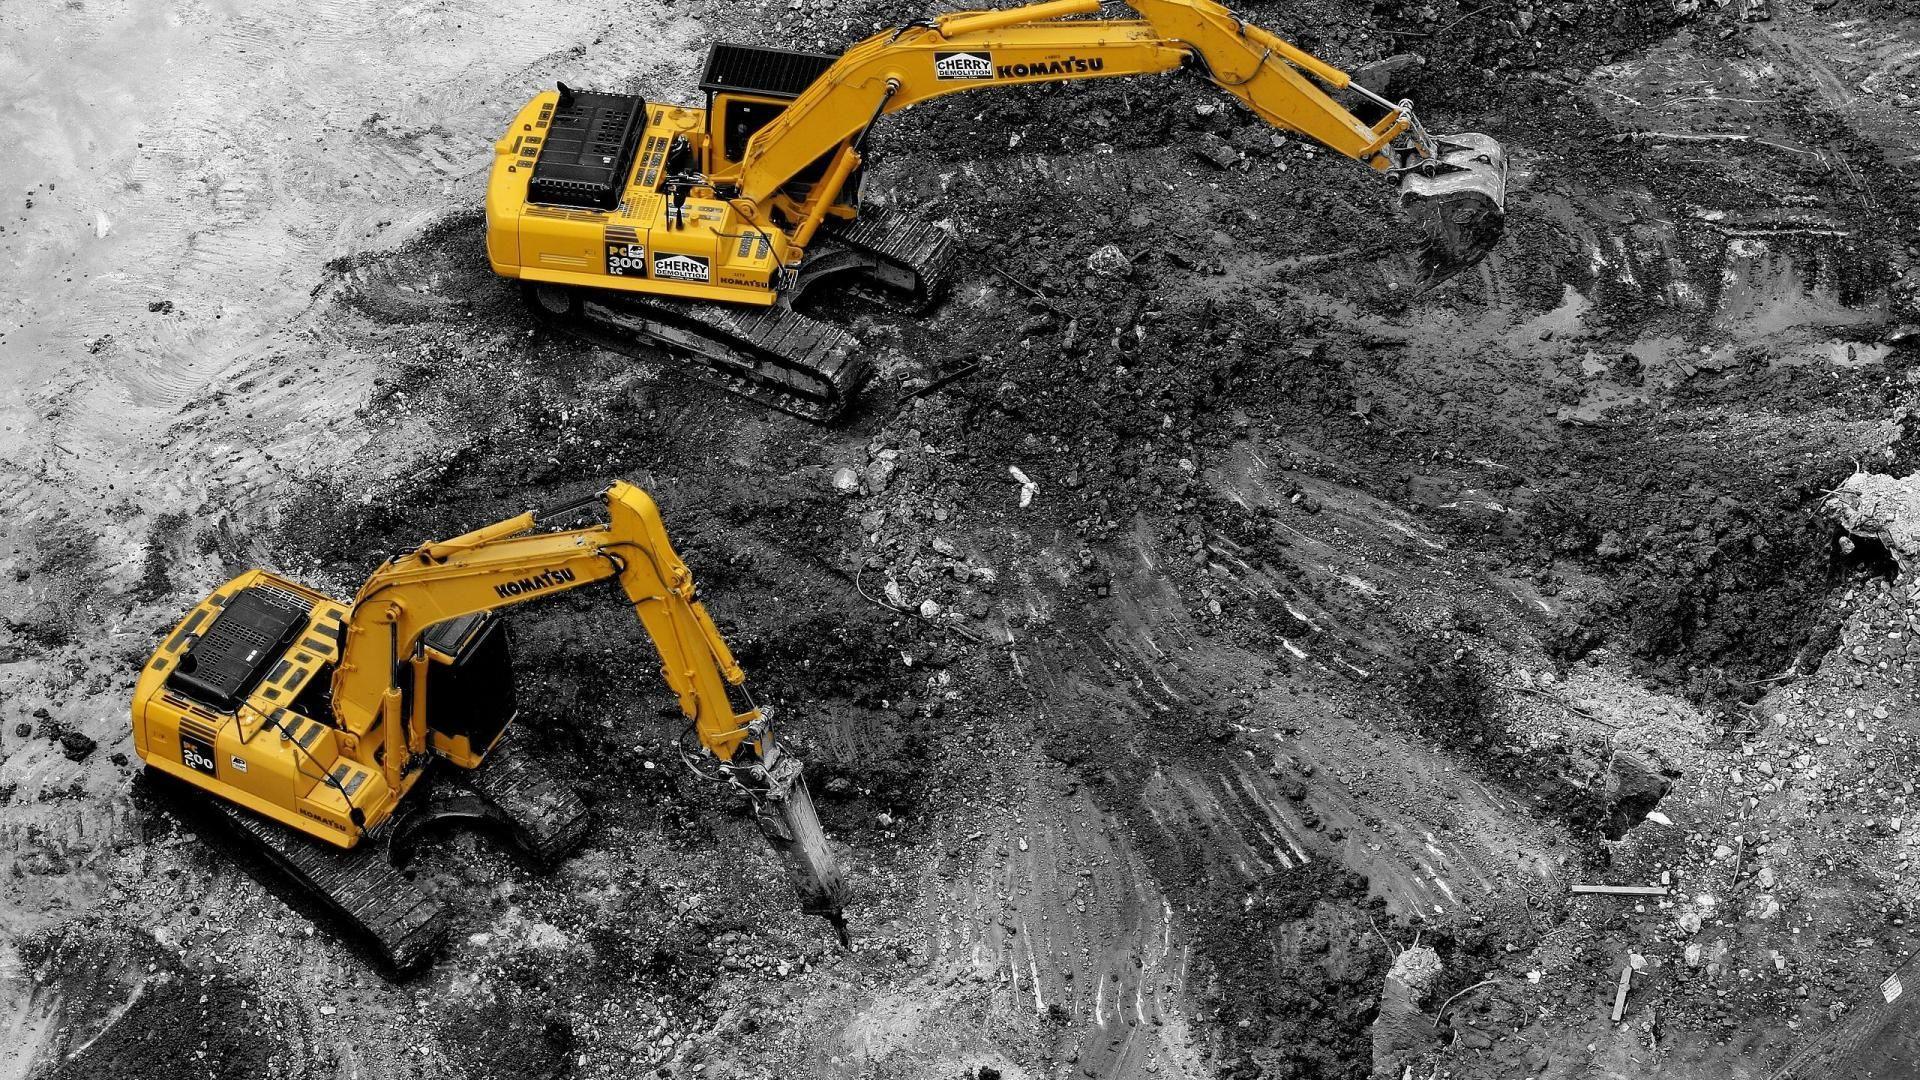 Excavator Wallpapers Top Free Excavator Backgrounds